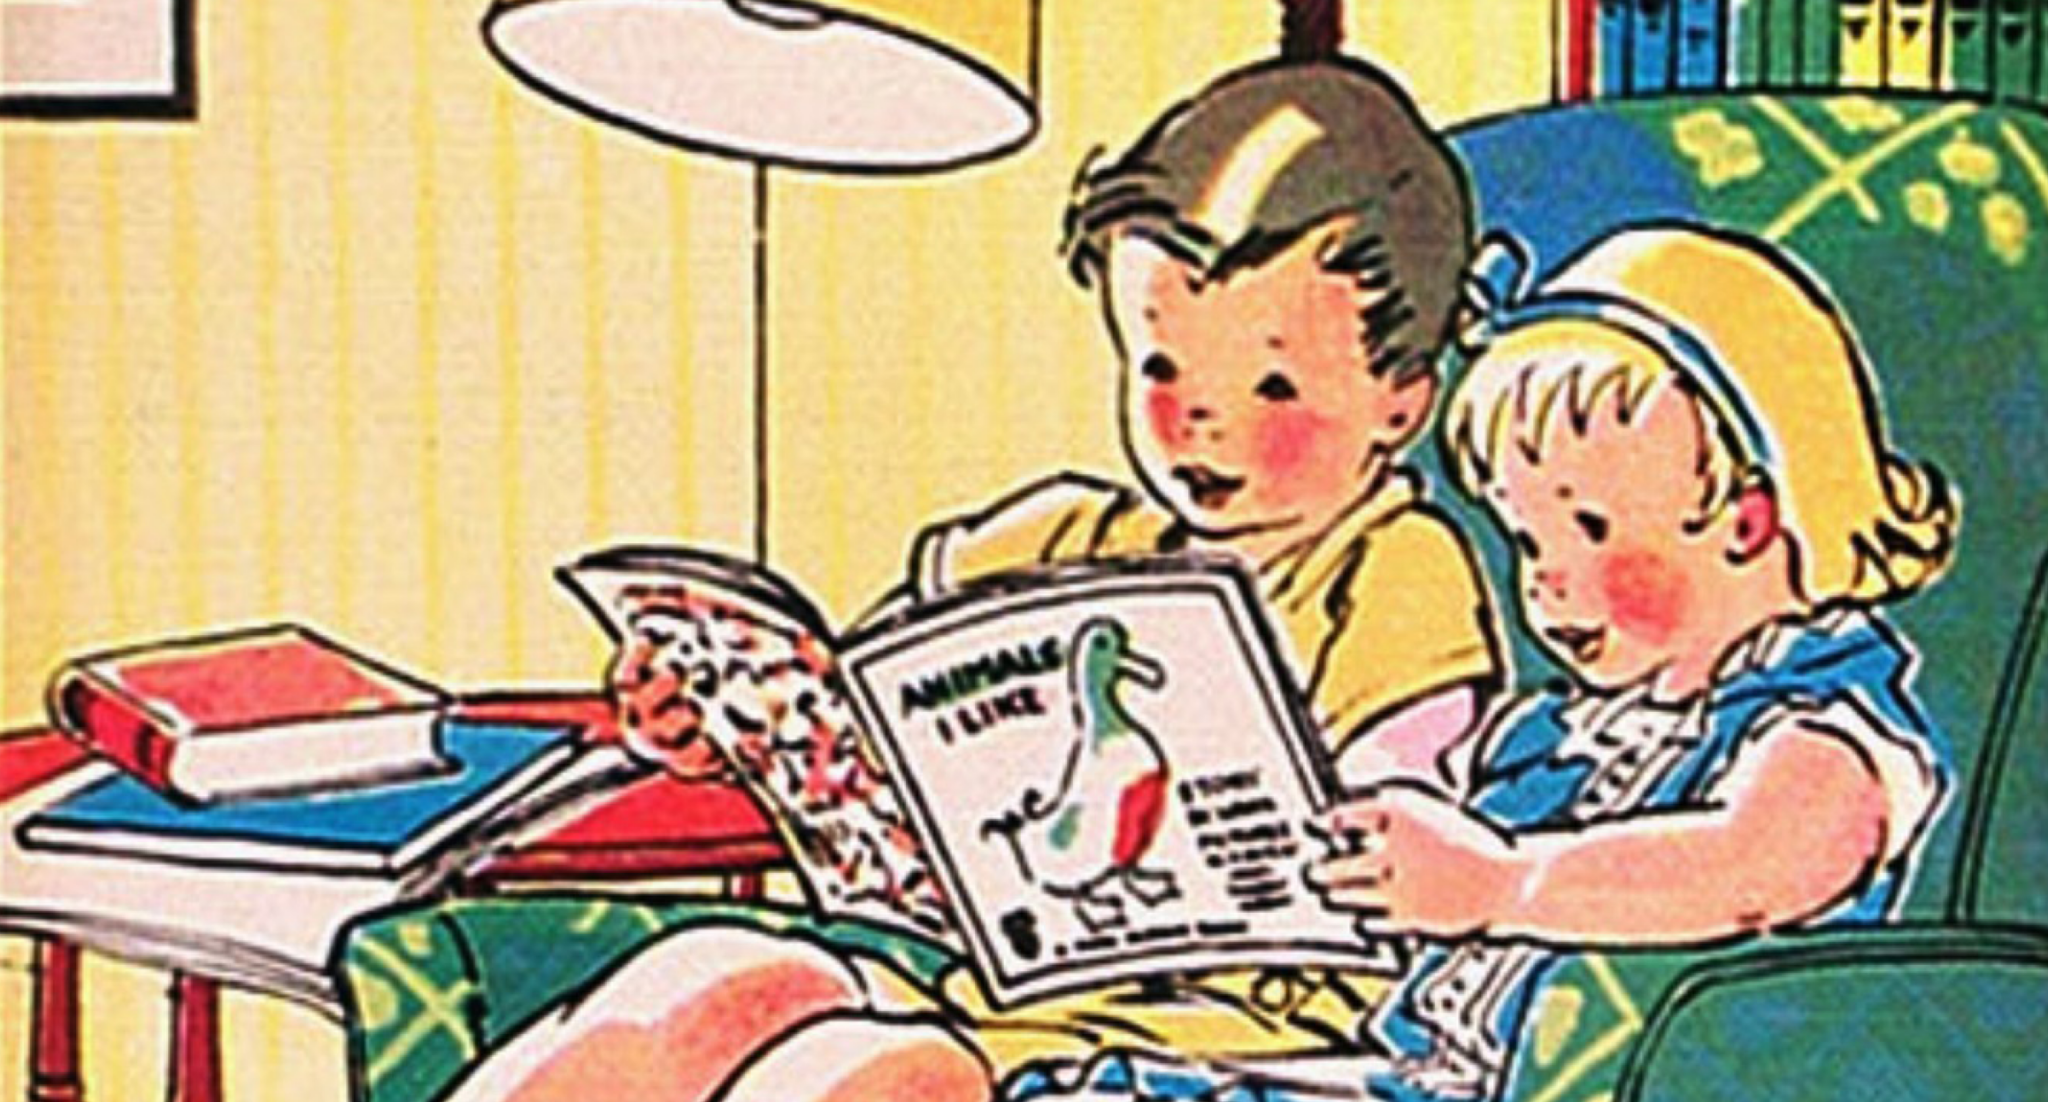 klassiske børnebøger til børn, klassiske børne bøger, godnatlæsnings bøger, klassiske godnatlæsning, gode godnatlæsnings bøger, bøger til godnatlæsning, peter pedel godnatlæsning,